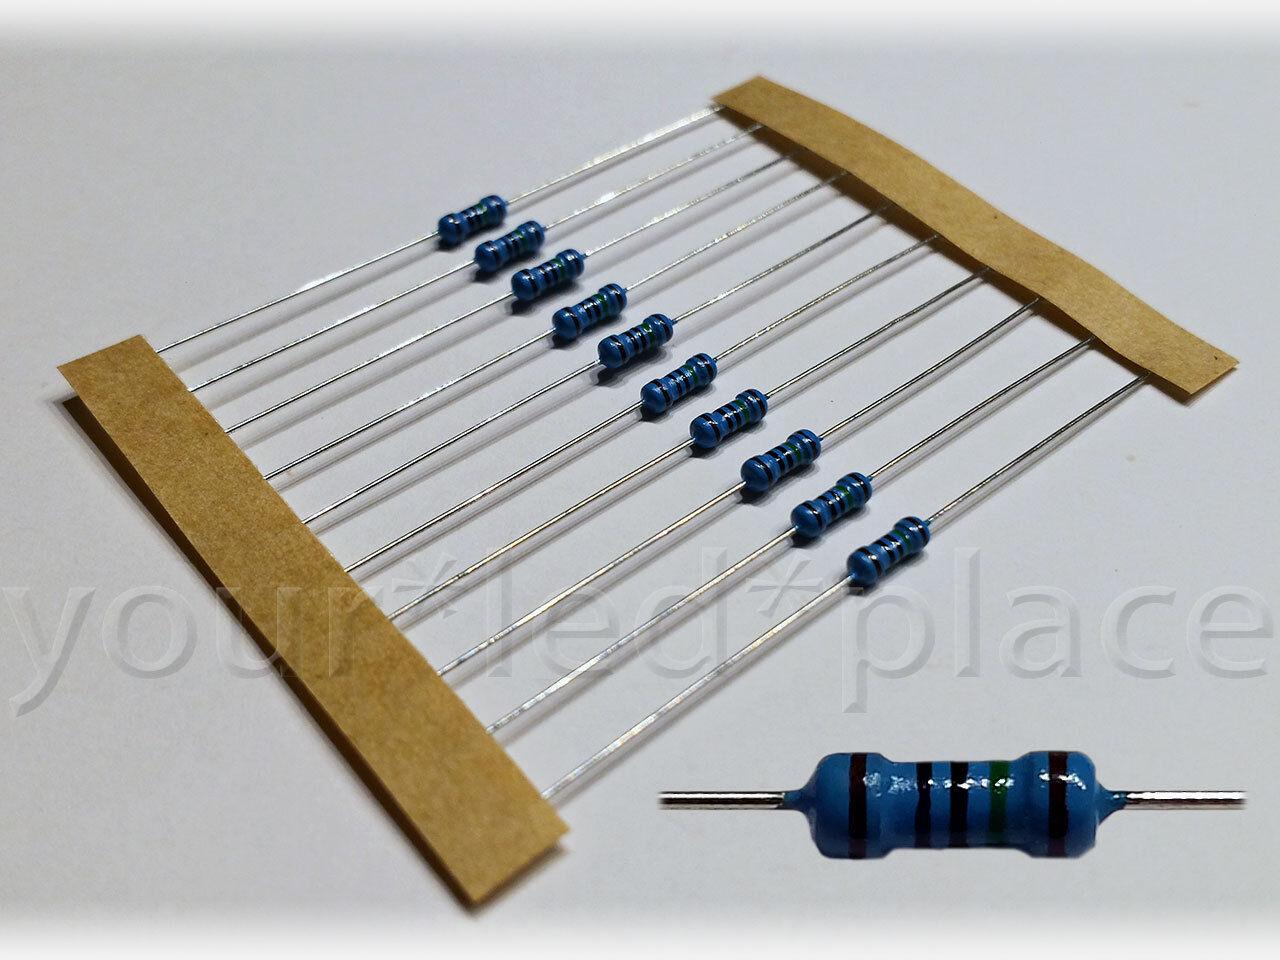 100 Widerstand 280Ohm MF0207 Metallfilm resistors 280R 0,6W TK50 1/% 032795